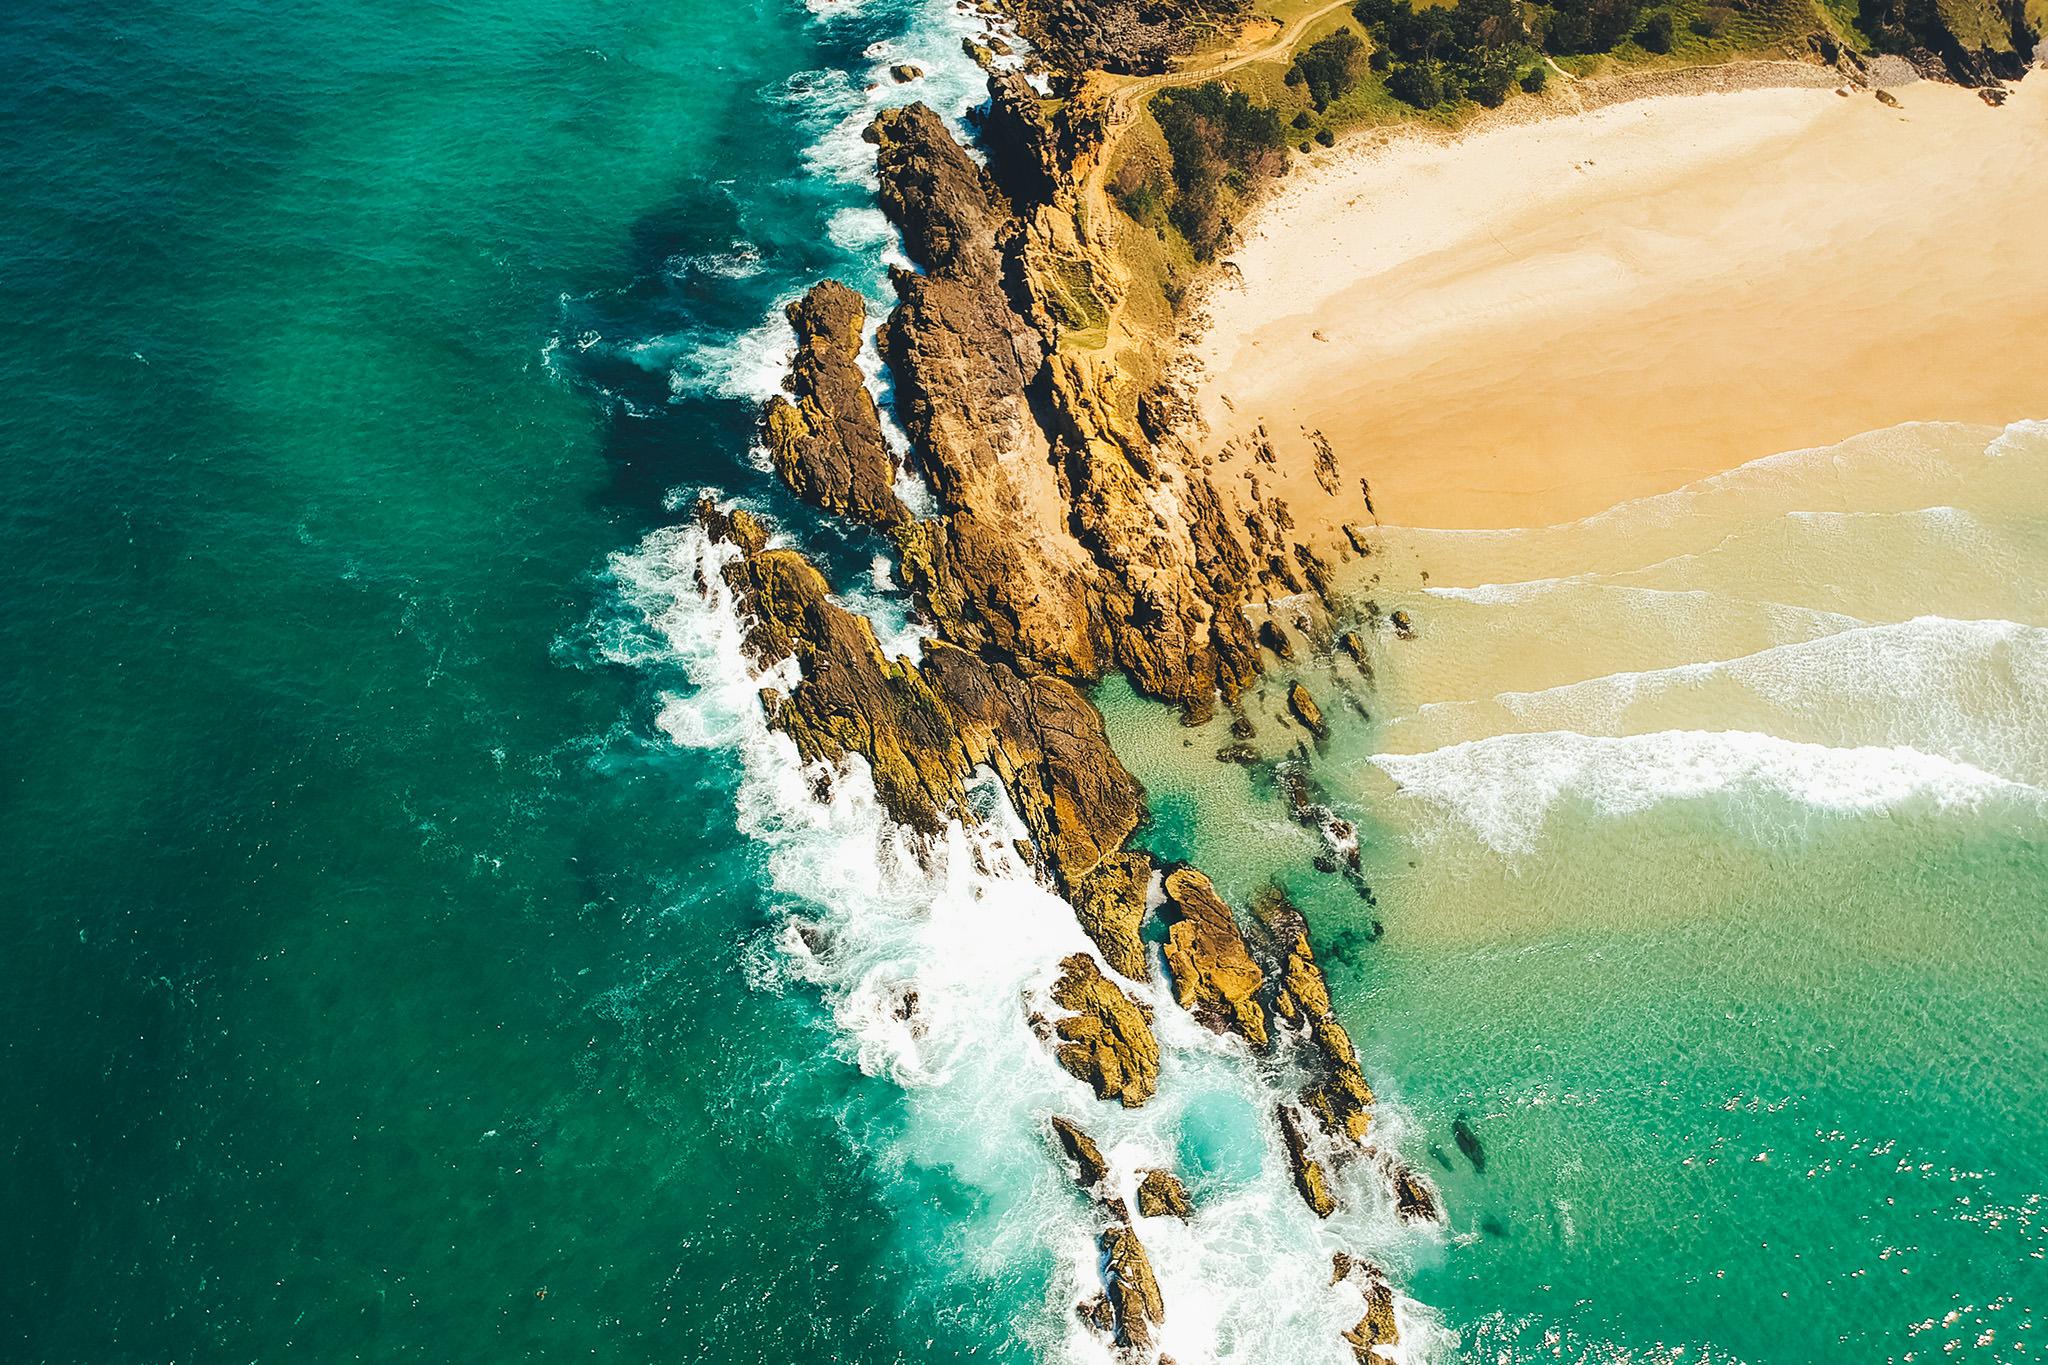 Byron Bay Cliffs